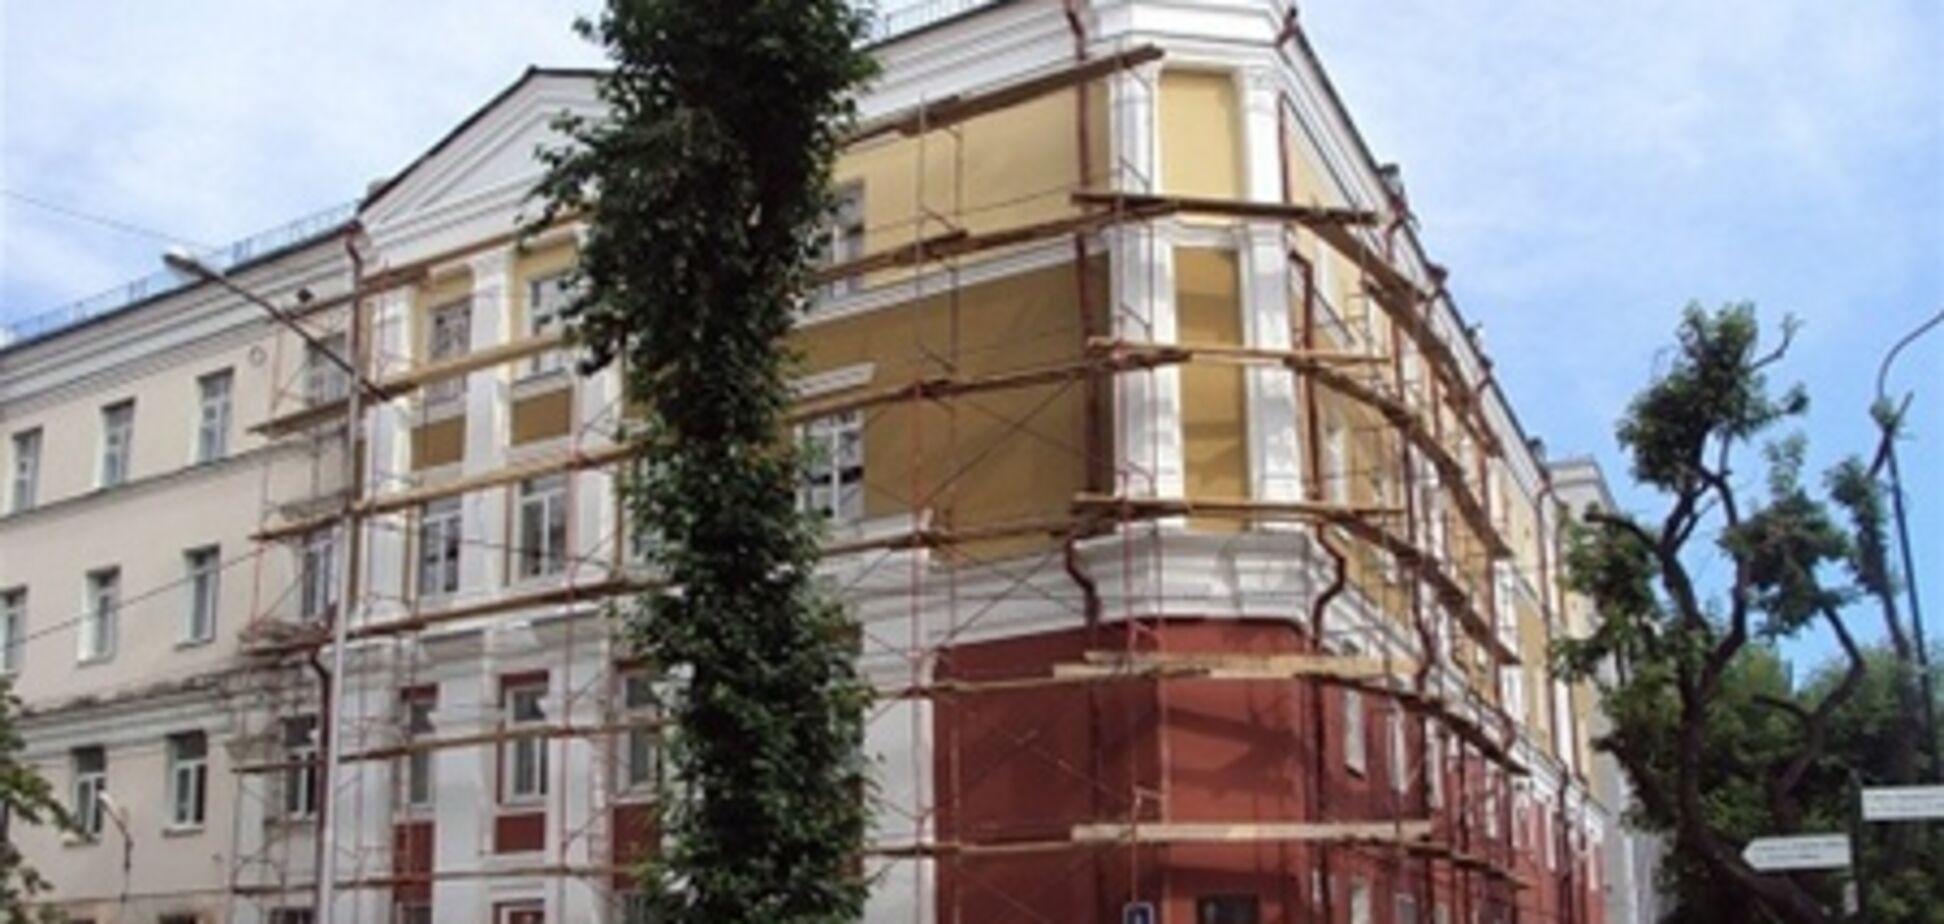 Минрегион назвал города, с которых начнет реконструкцию старого жилья